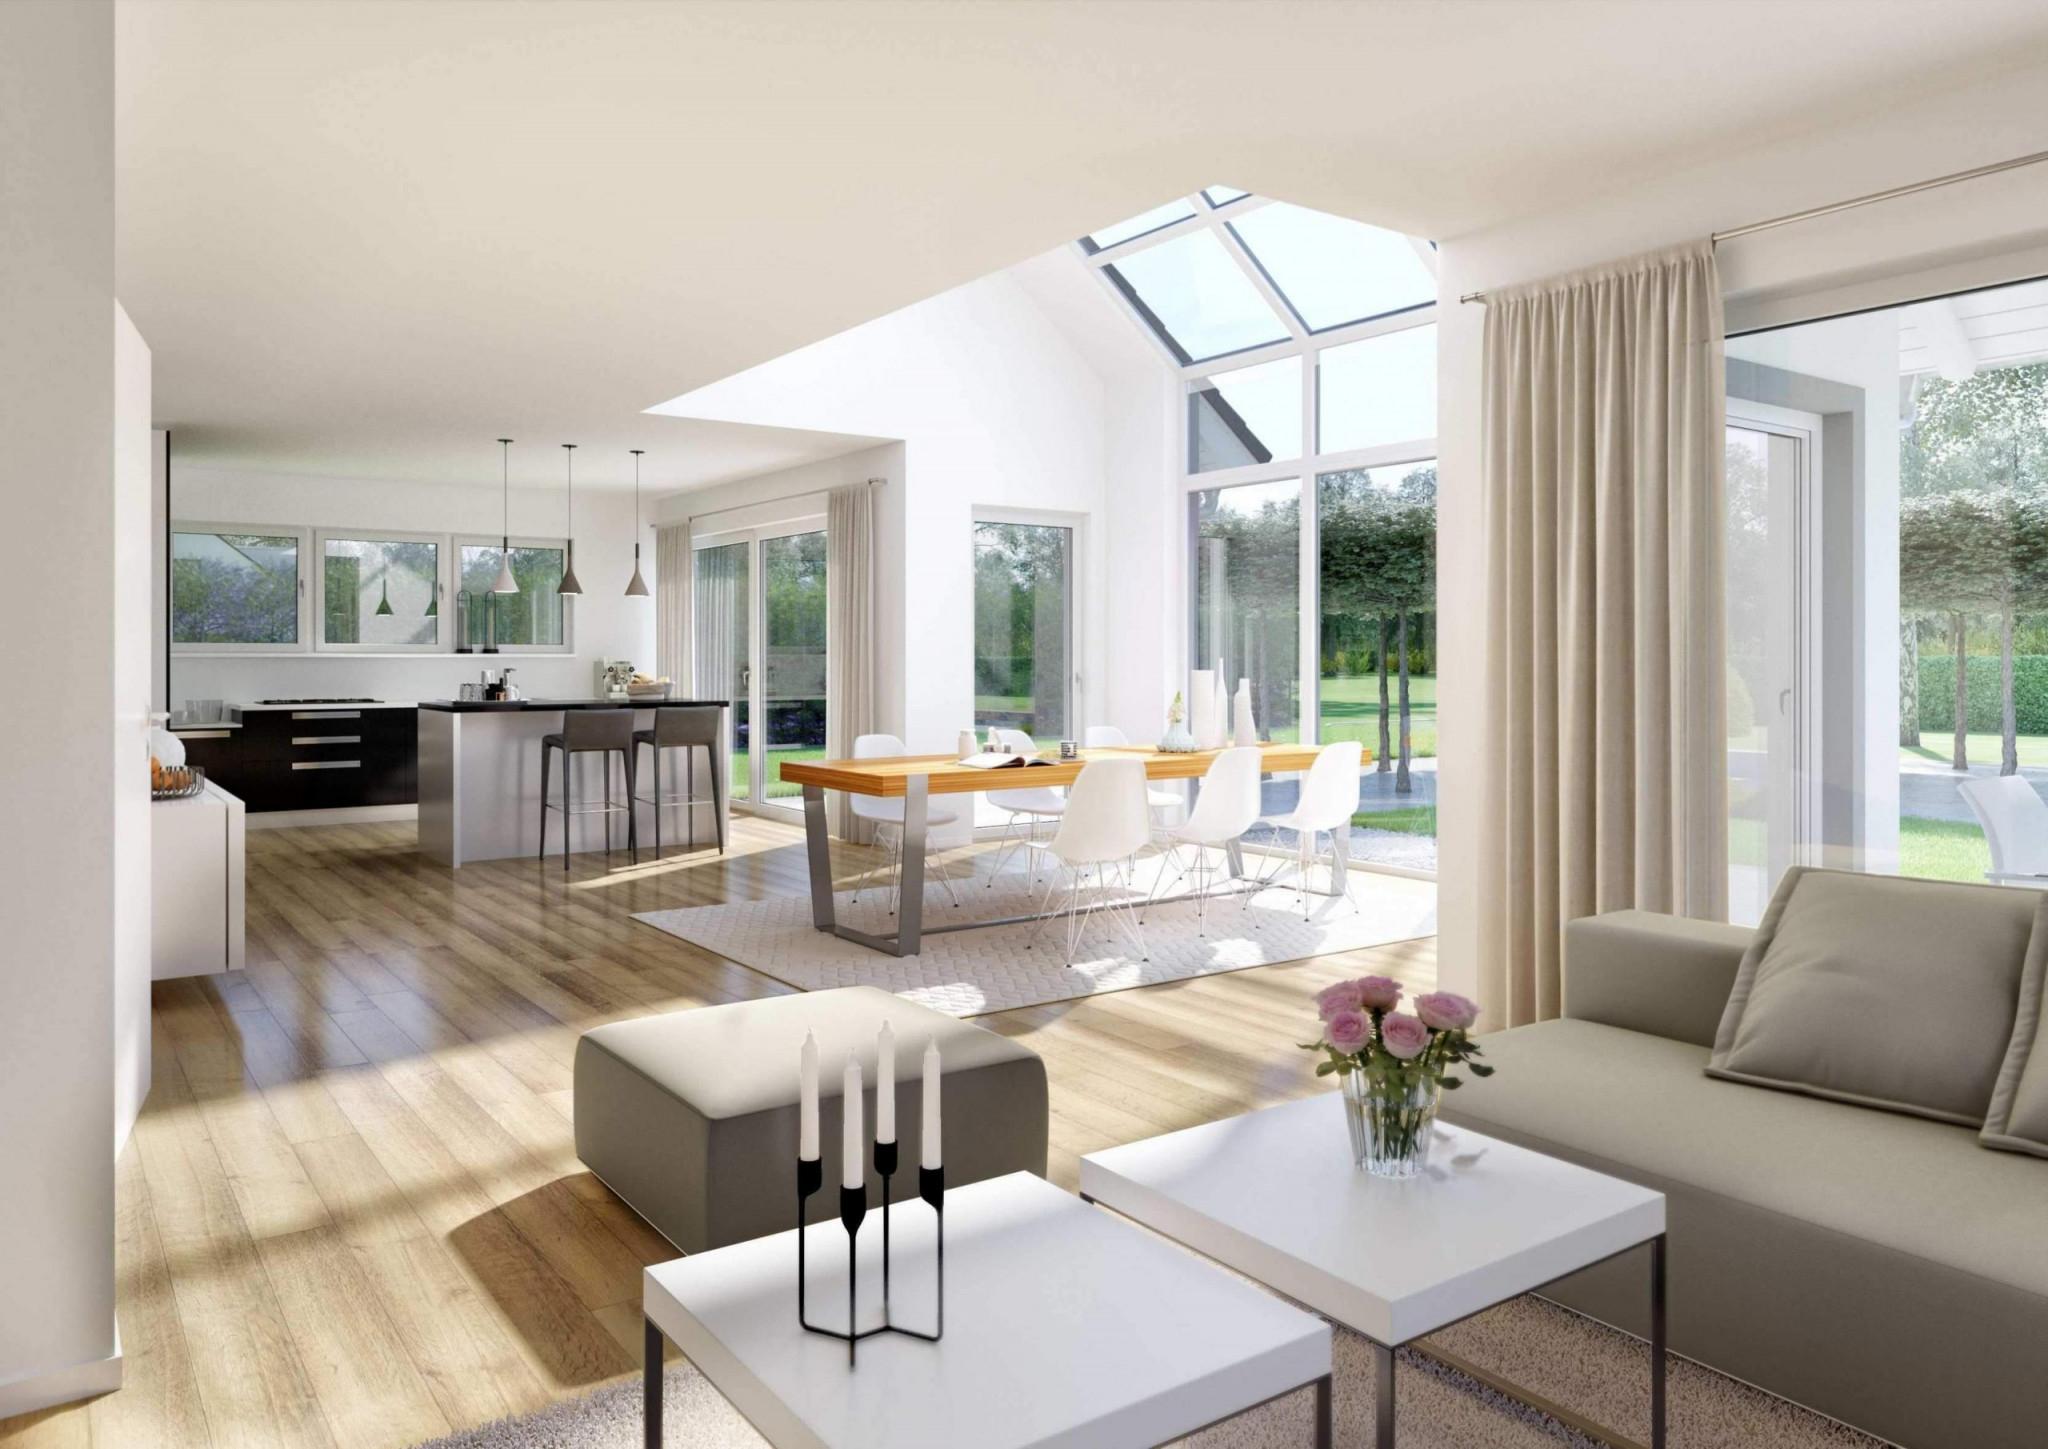 Wohnzimmer Pflanze Groß Elegant 45 Luxus Von Wohnzimmer von Wohnzimmer Bilder Groß Bild